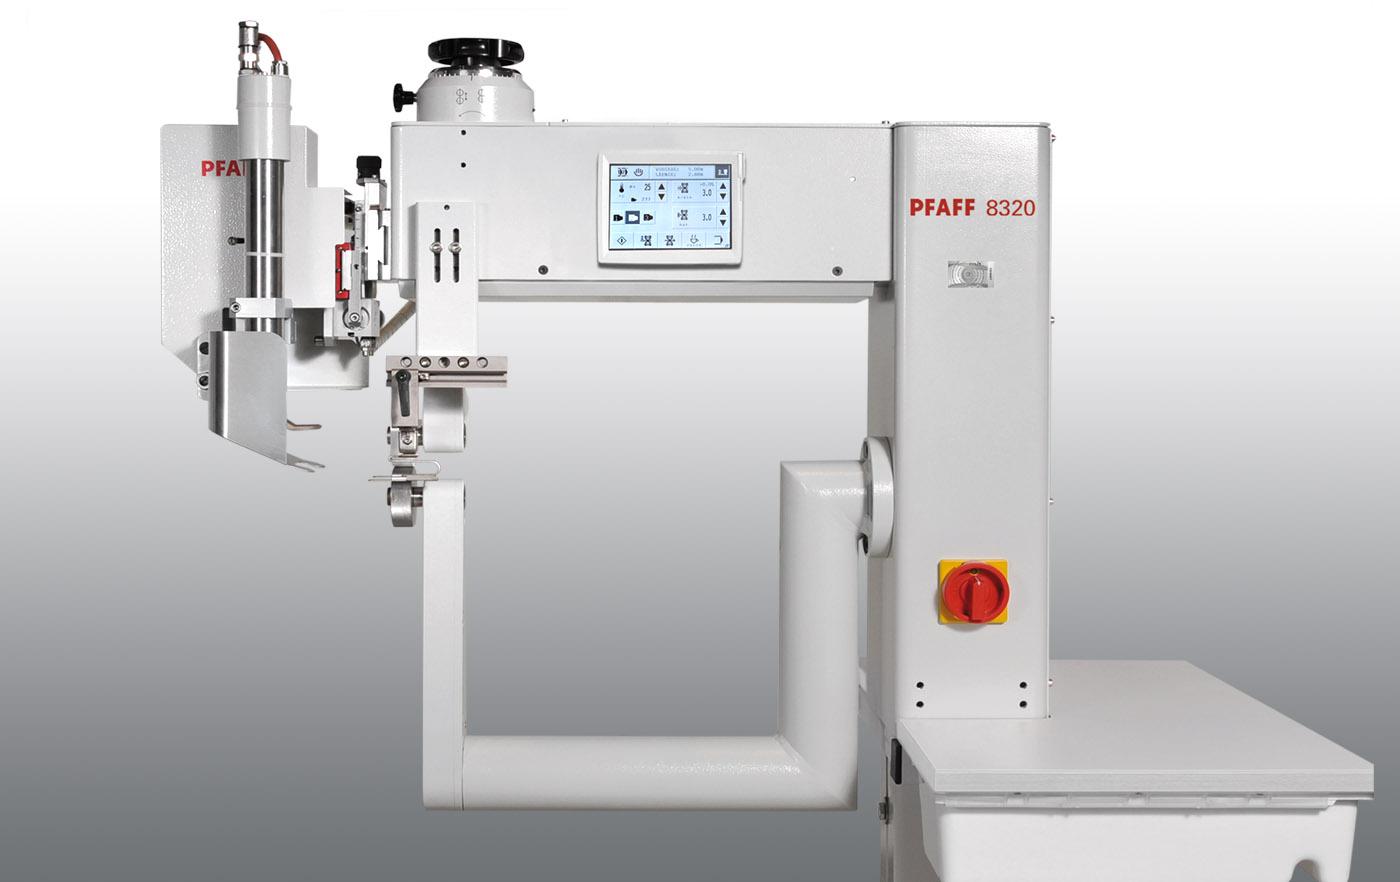 PFAFF 8320